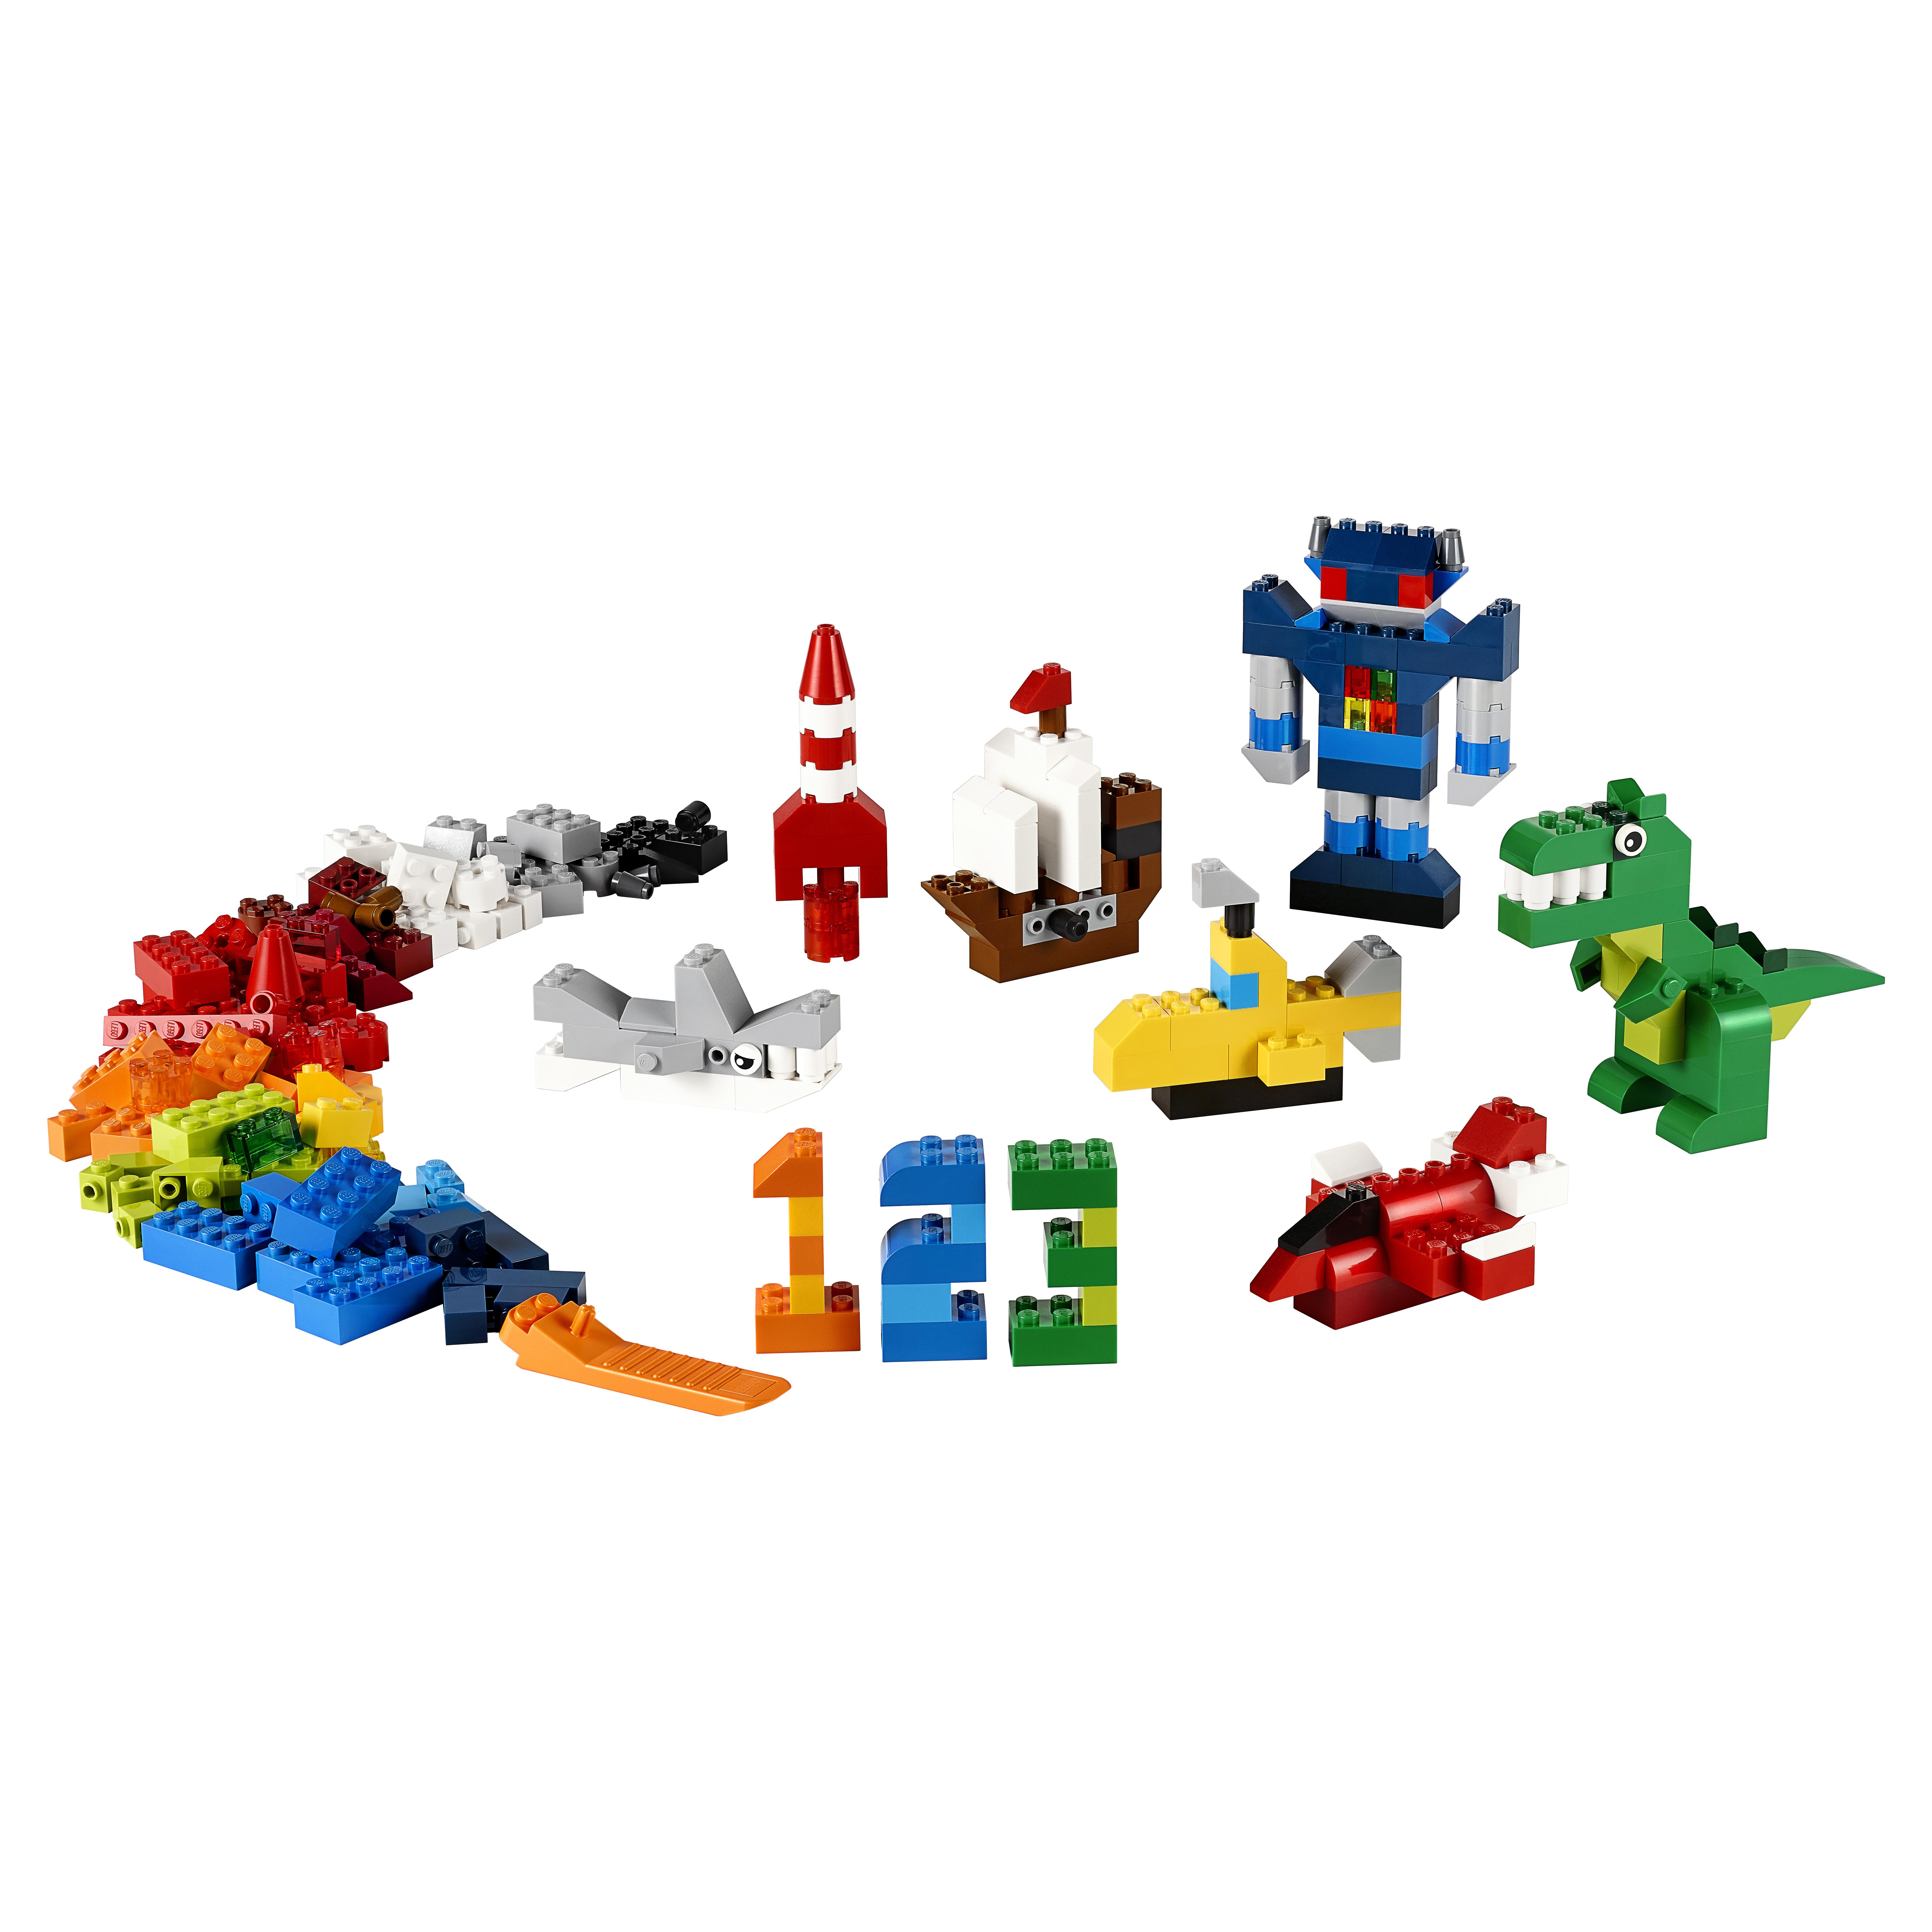 Купить Конструктор lego classic дополнение к набору для творчества – яркие цвета 10693, Конструктор LEGO Classic Дополнение к набору для творчества – яркие цвета (10693), LEGO для девочек